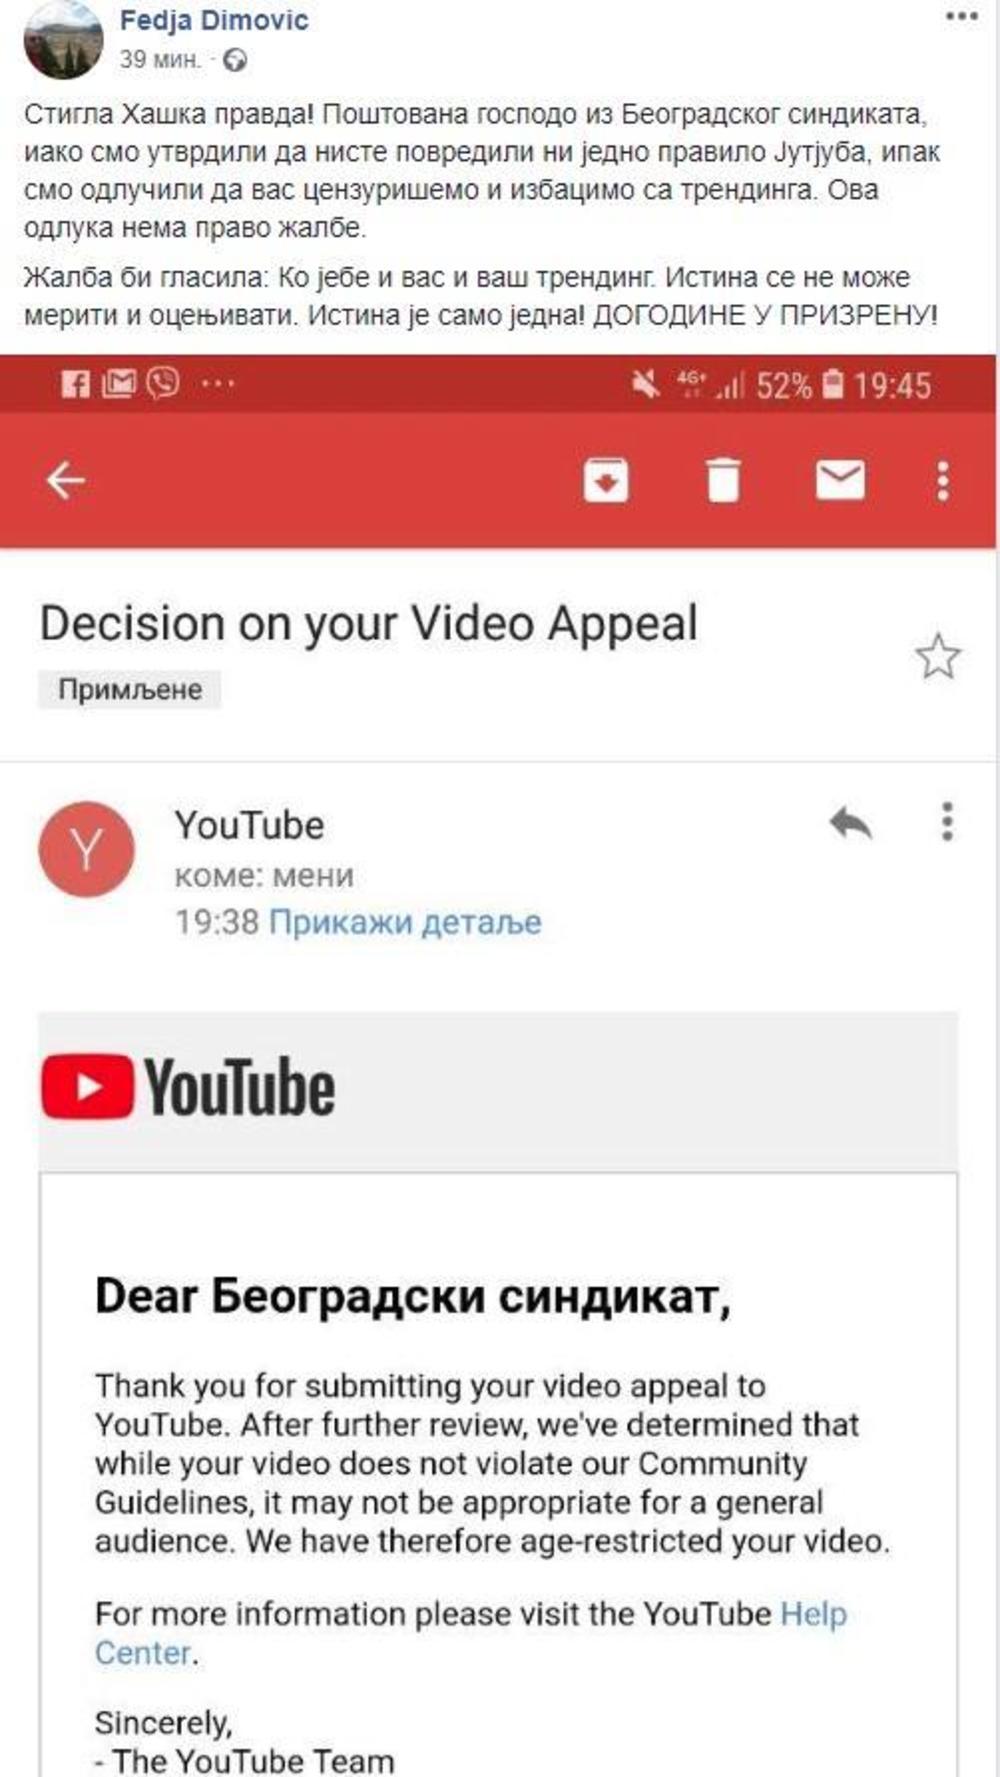 sve pesme beogradskog sindikata